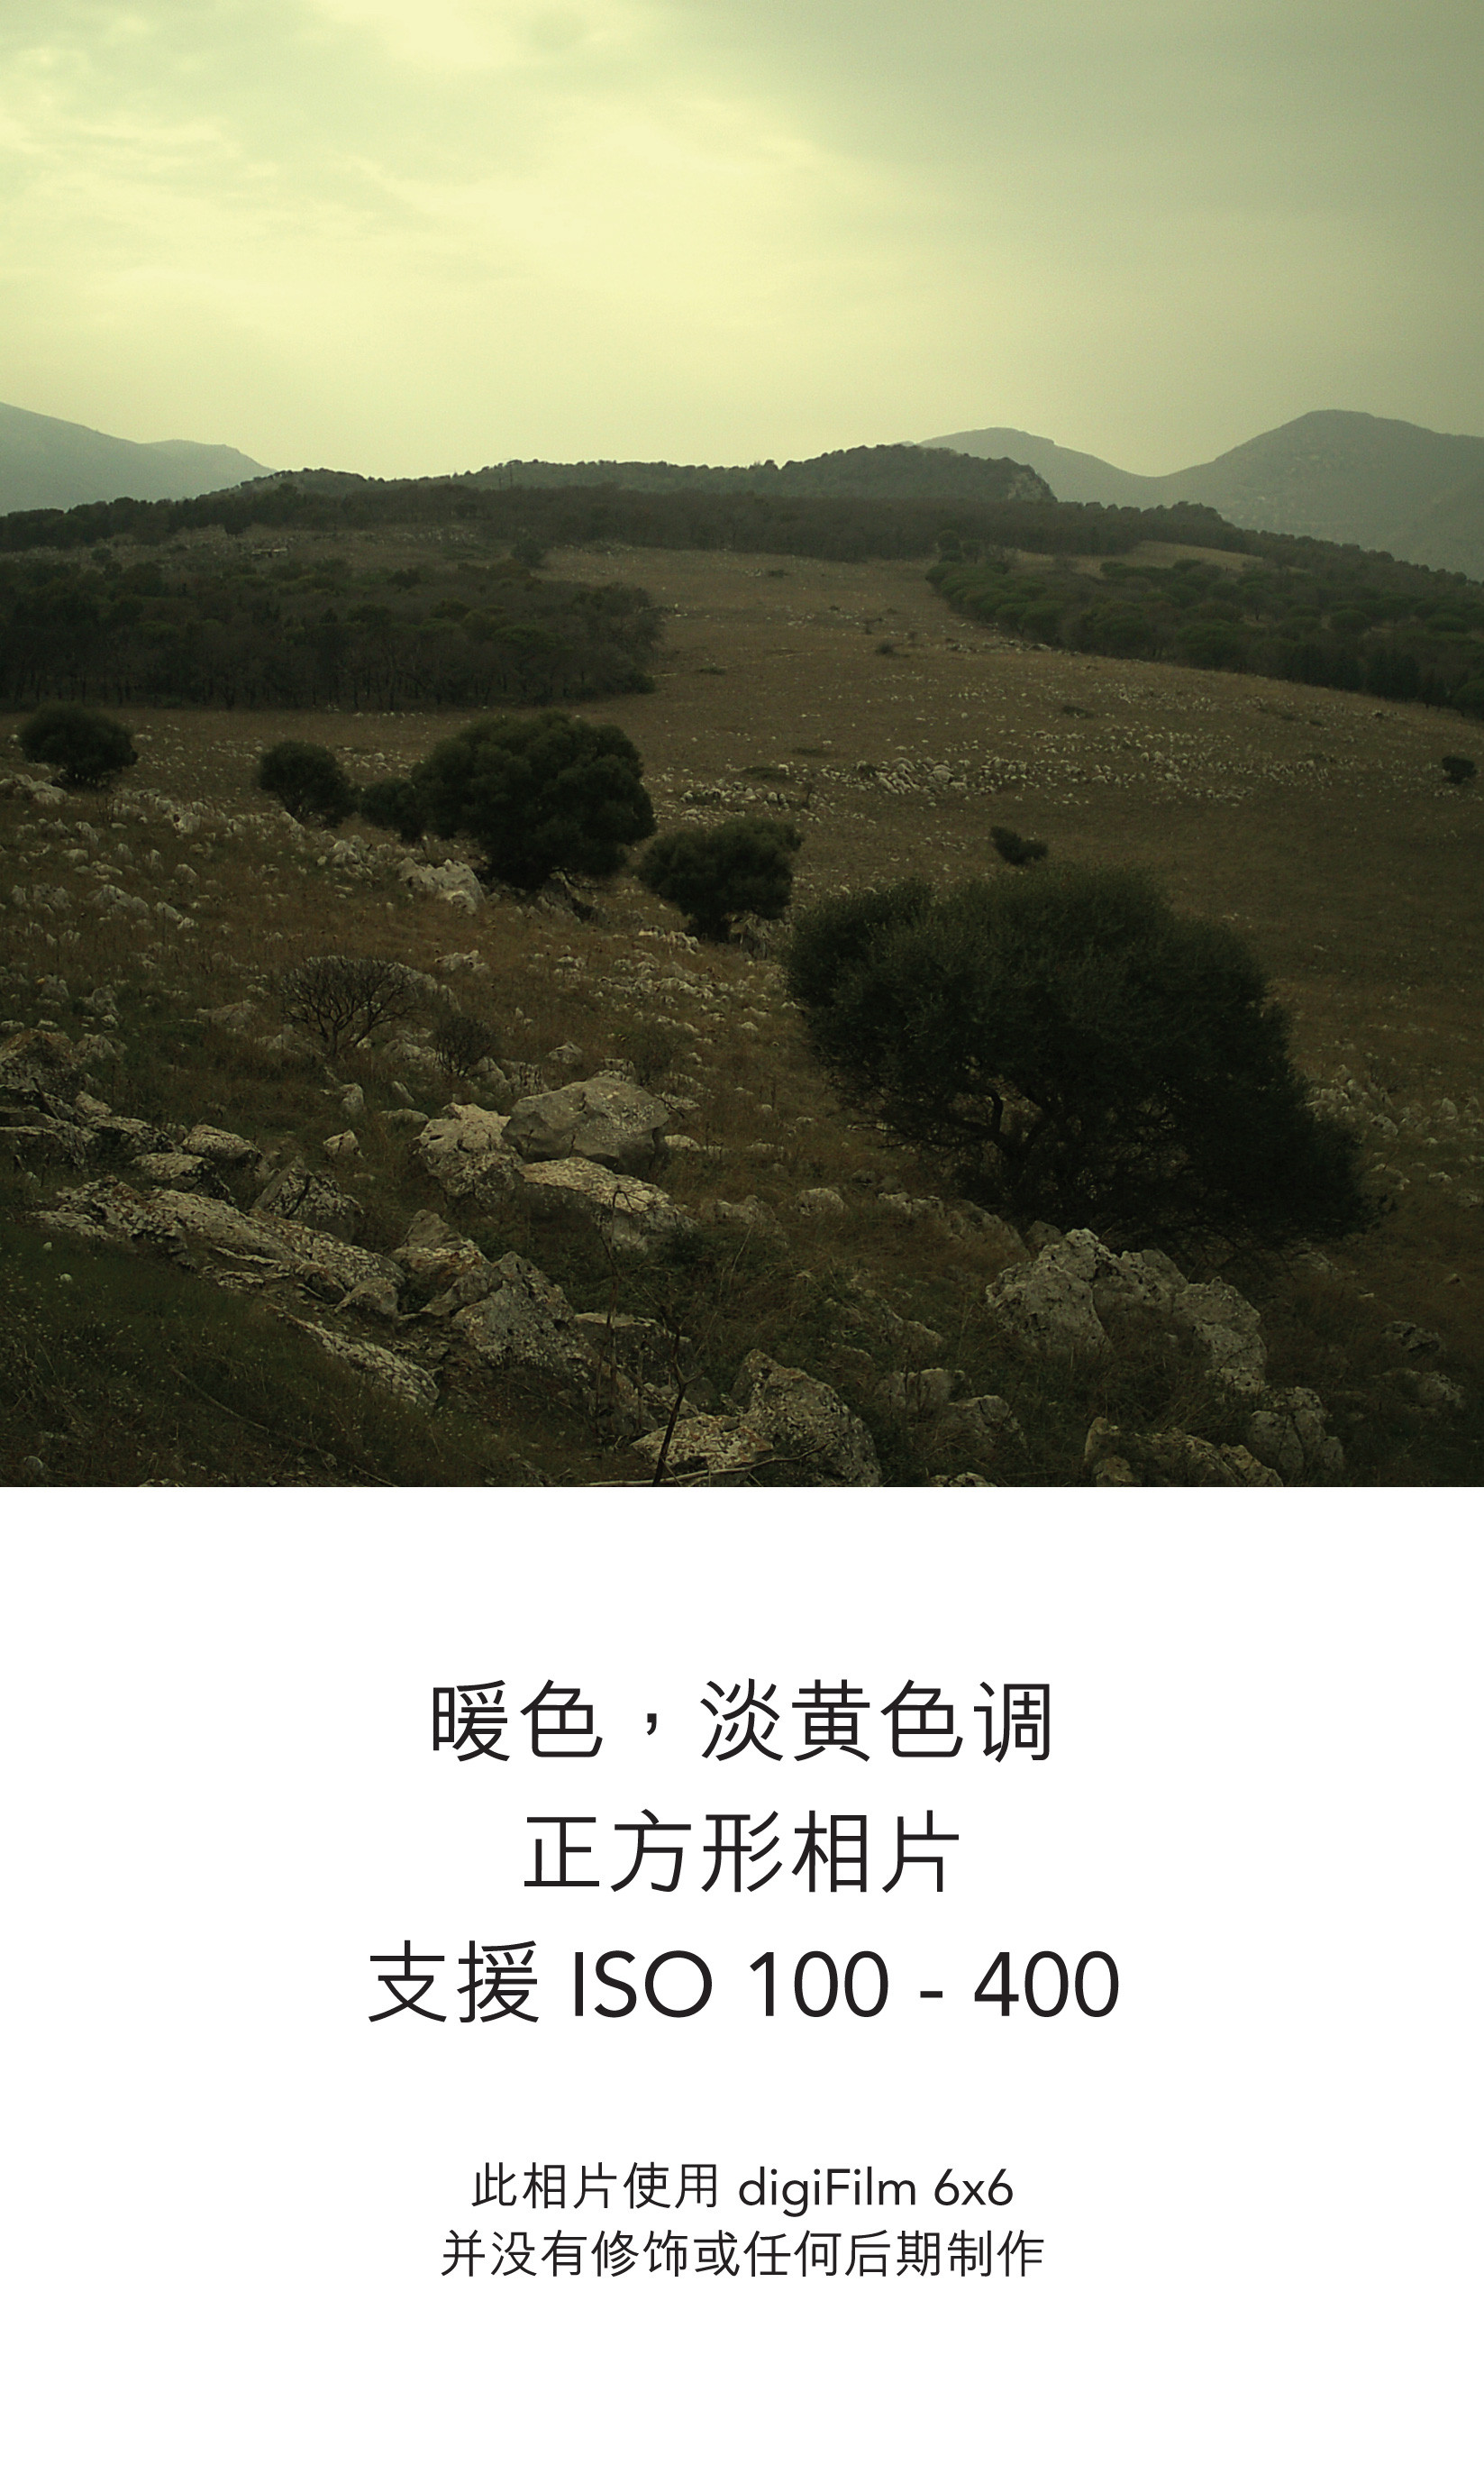 Y35-CN_part-1-22.jpg